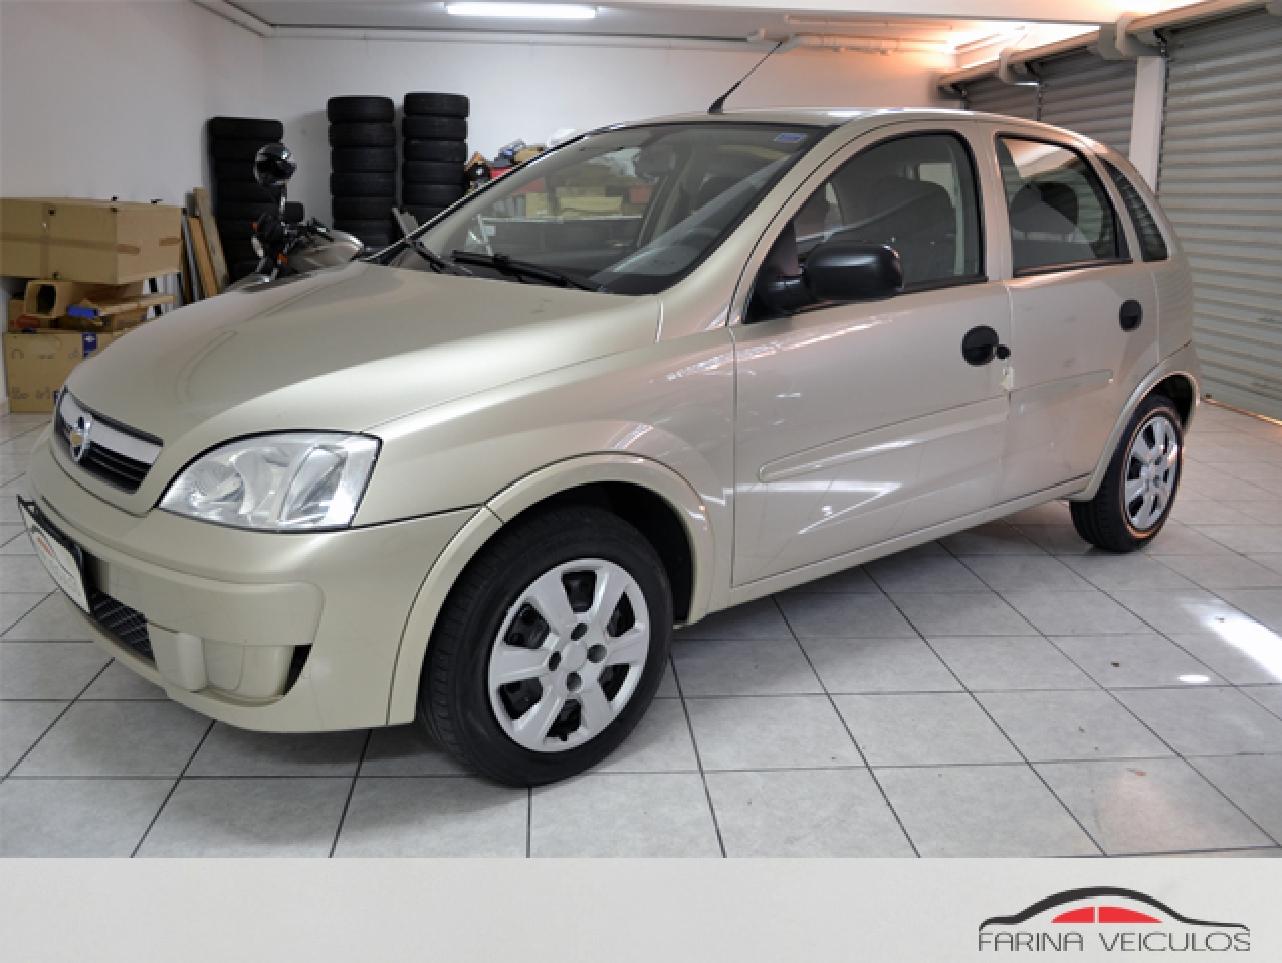 Chevrolet CORSA MAXX 1.4 8v Econo.Flex